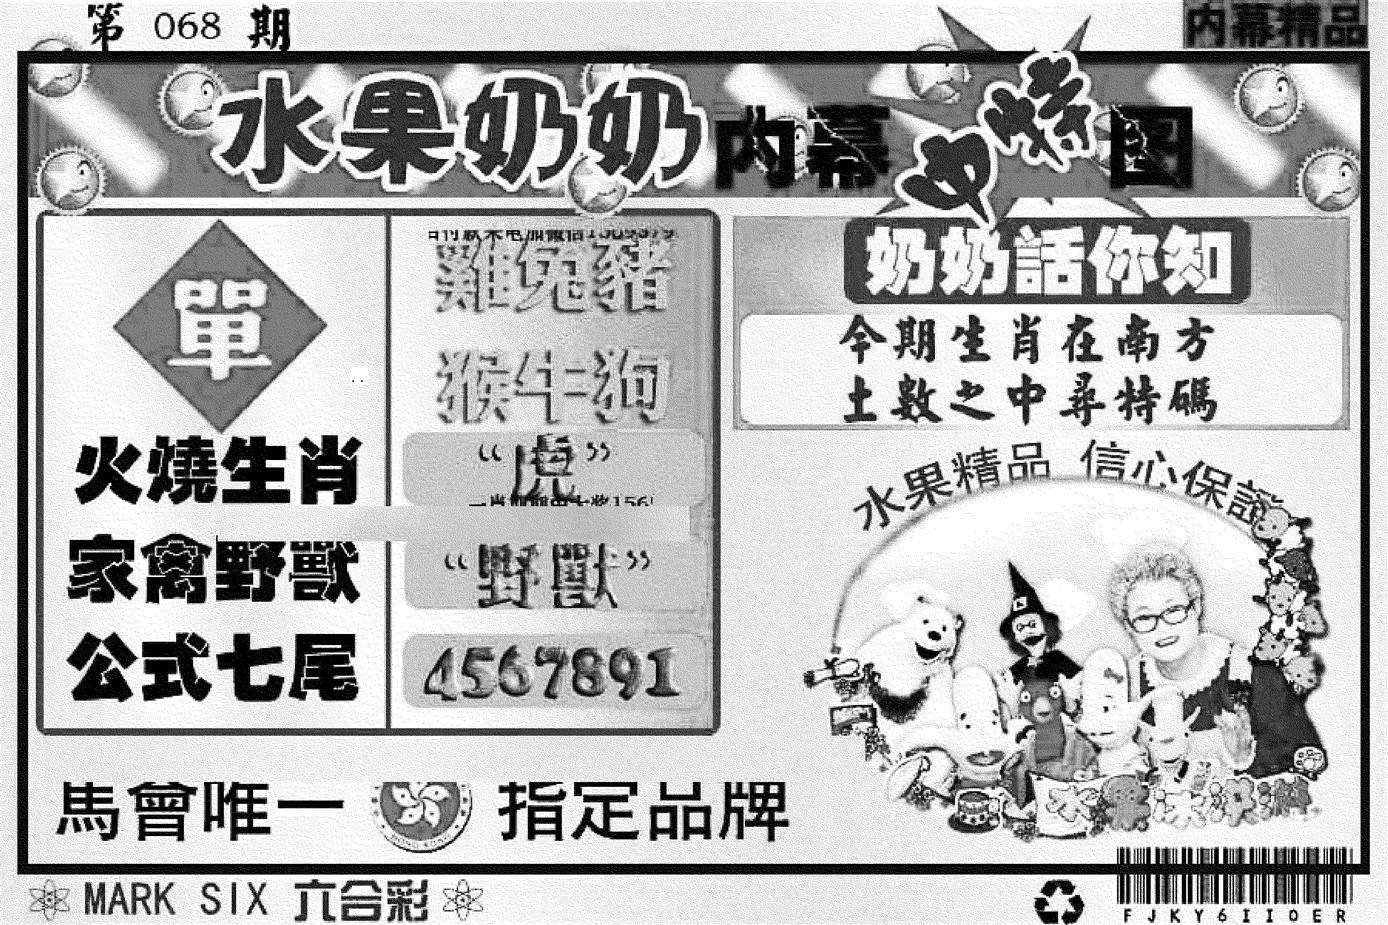 068期水果奶奶内幕(黑白)